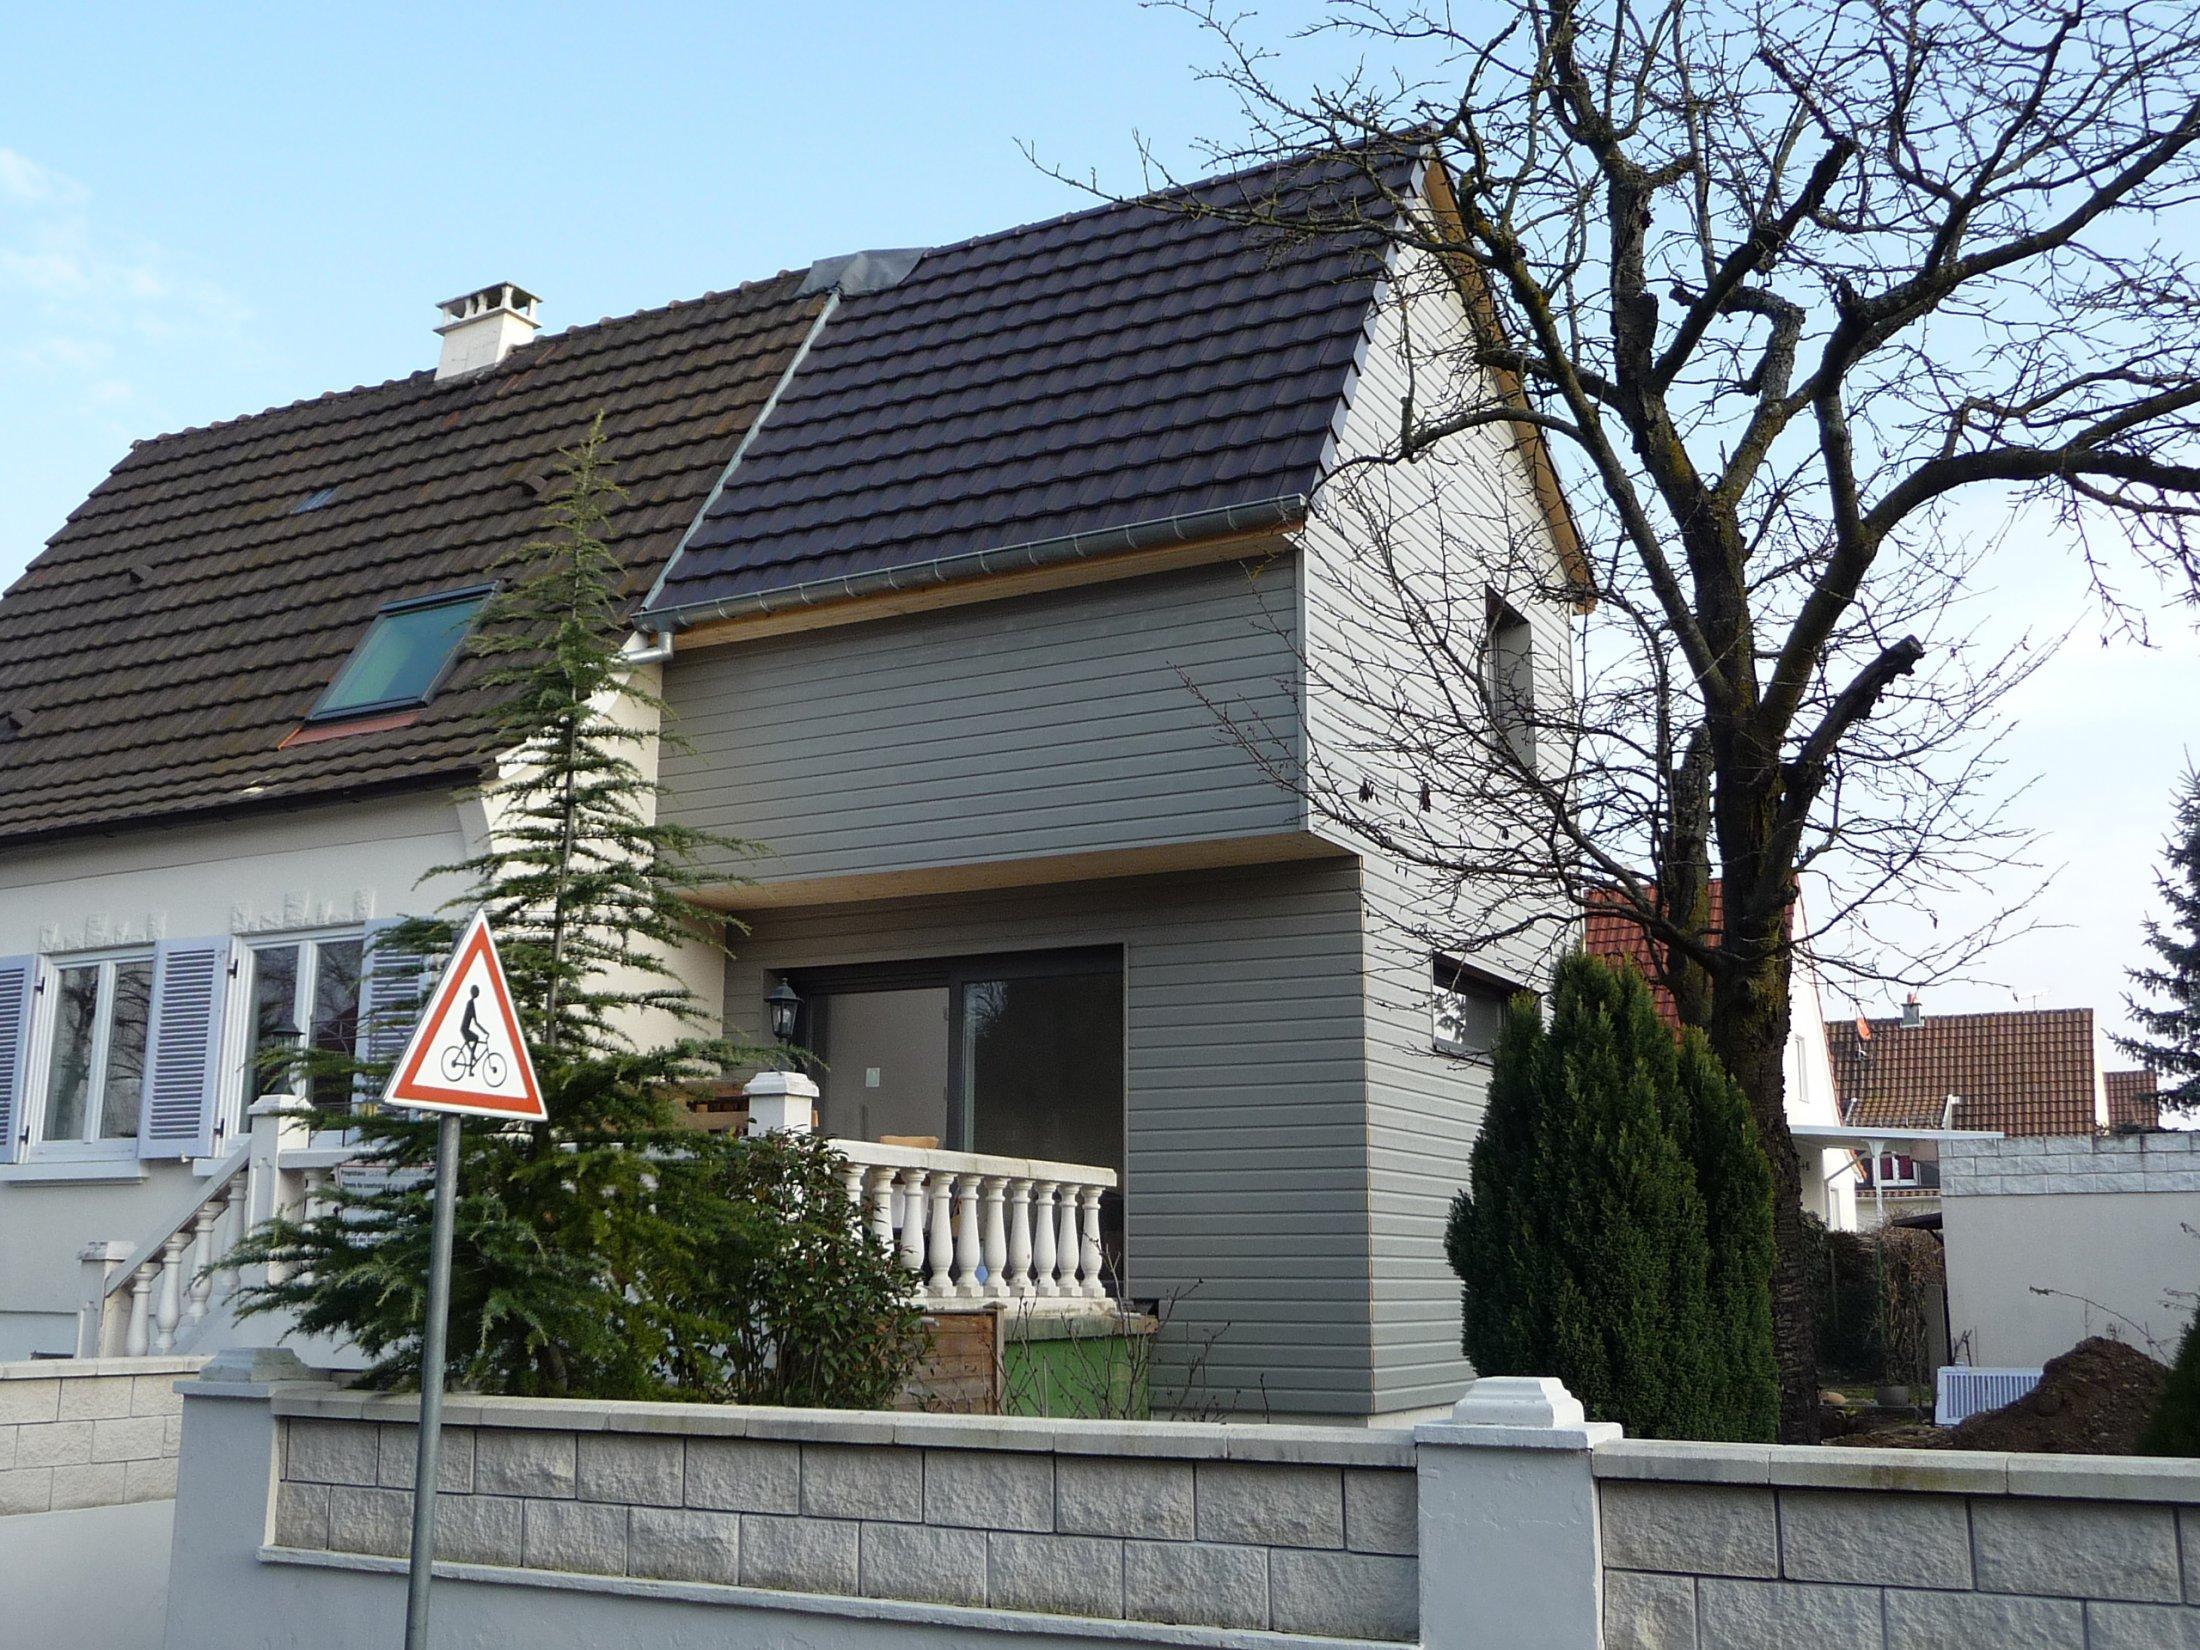 arkobois notre sp cialit l 39 agrandissement de votre maison. Black Bedroom Furniture Sets. Home Design Ideas